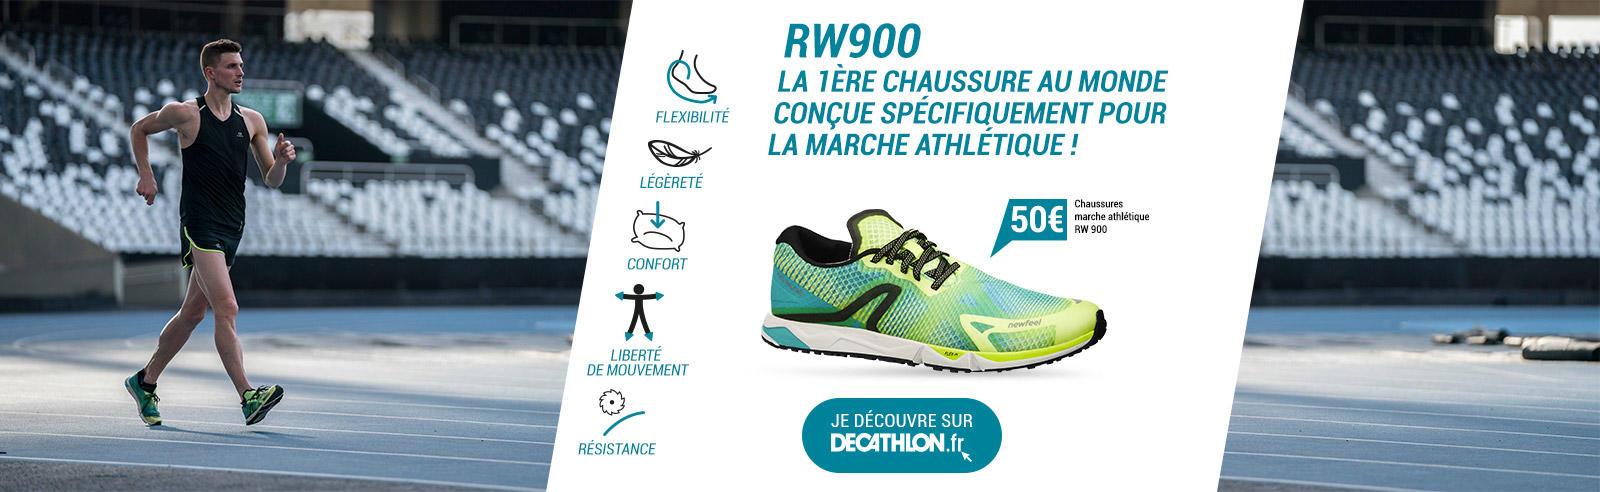 Newfeel RW900 la première chaussure au monde conçue pour la marche athlétique